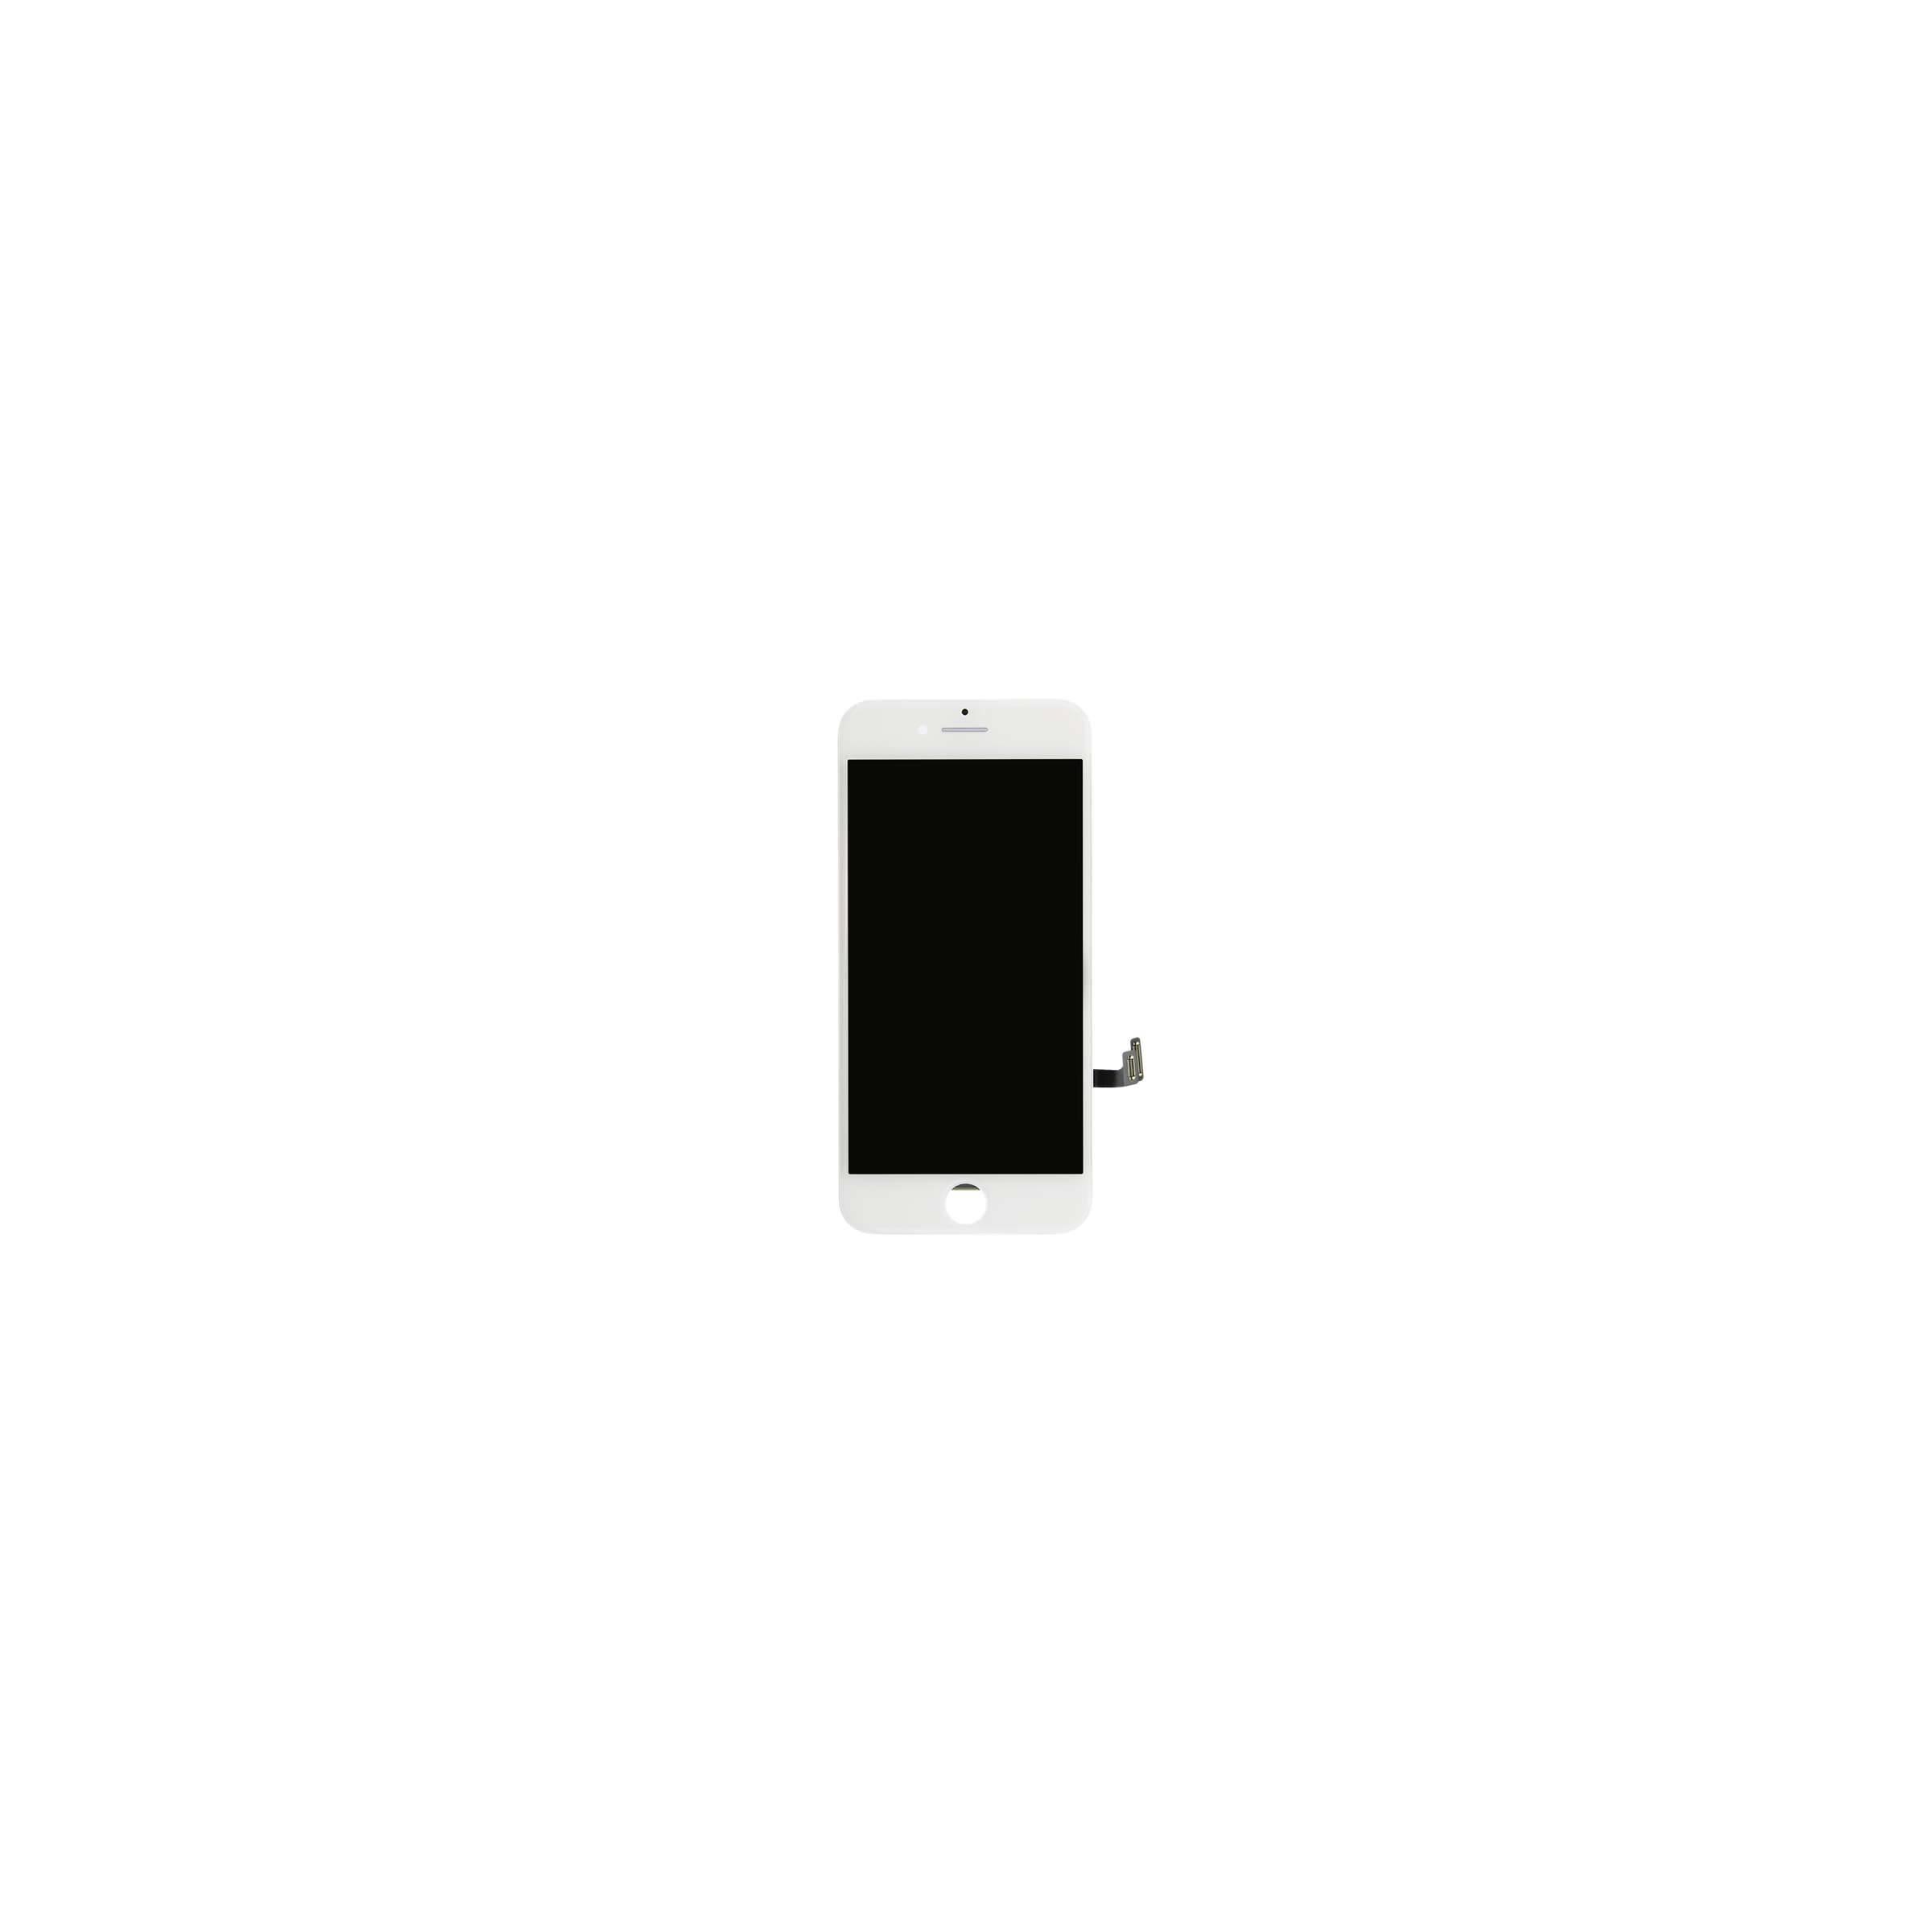 sinox – Iphone 8 skærm i høj kvalitet farve hvid fra mackabler.dk